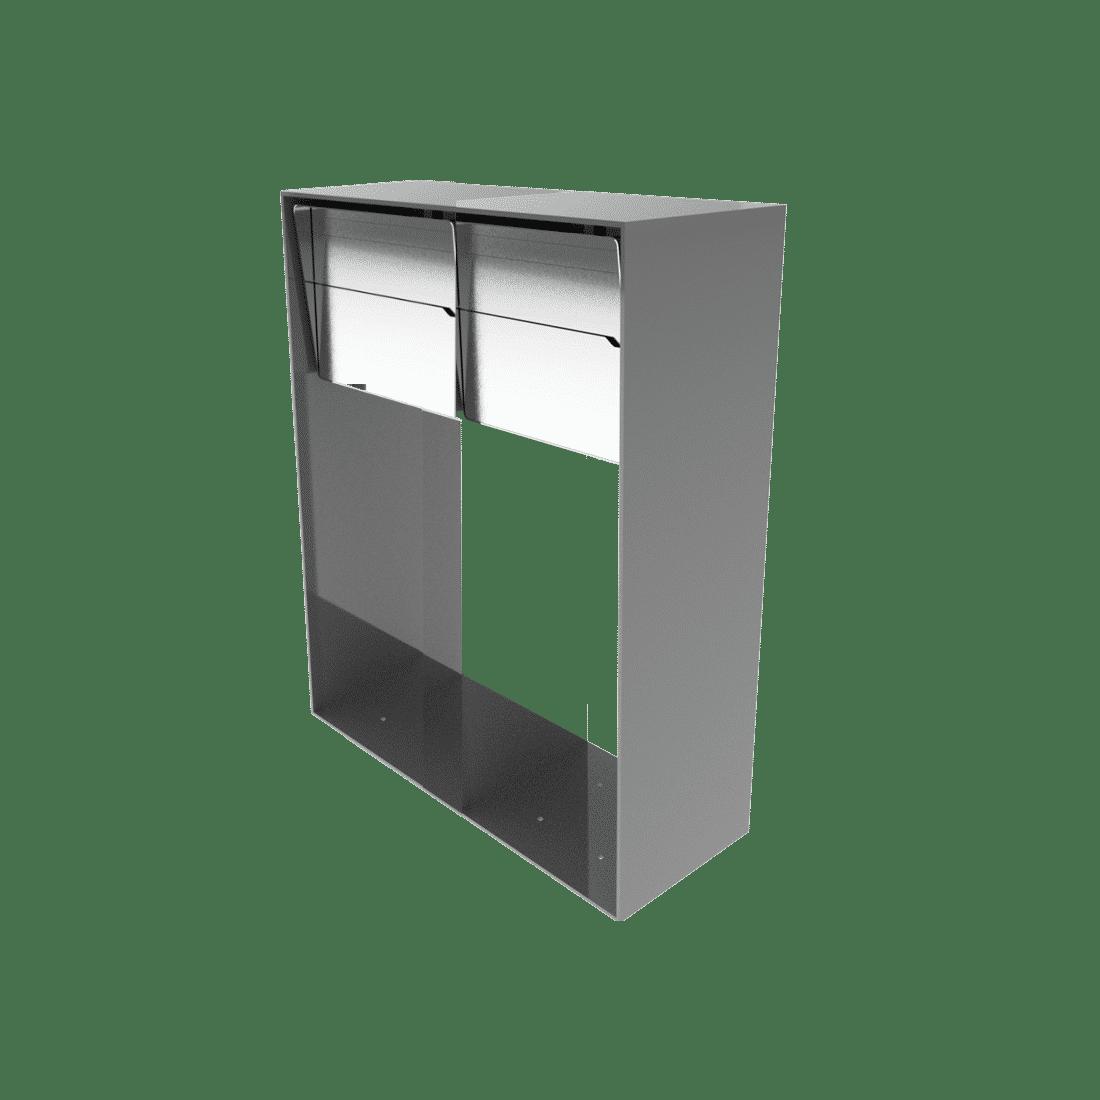 Baia-Perlmausgrau_H_1100x1100